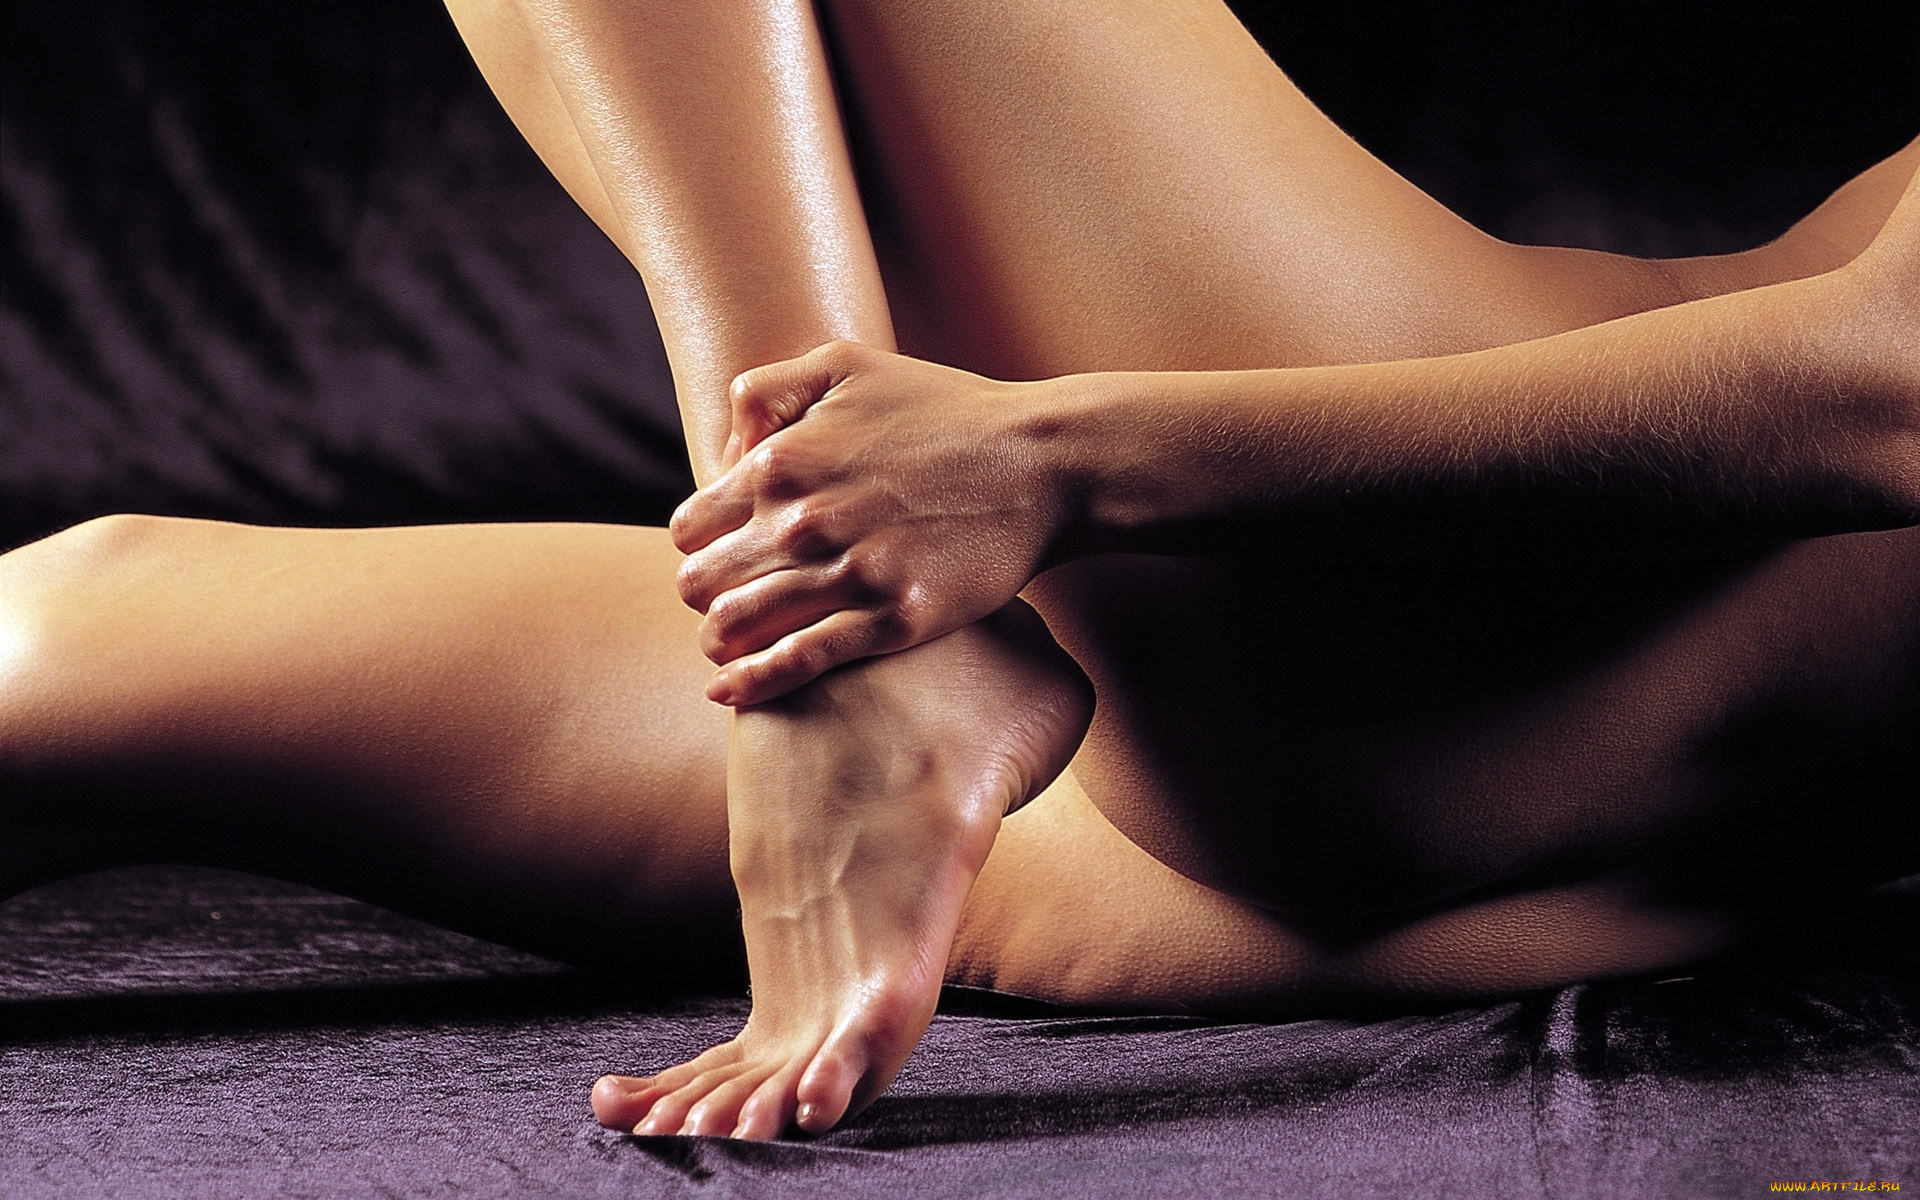 Фото для любителей женских ног